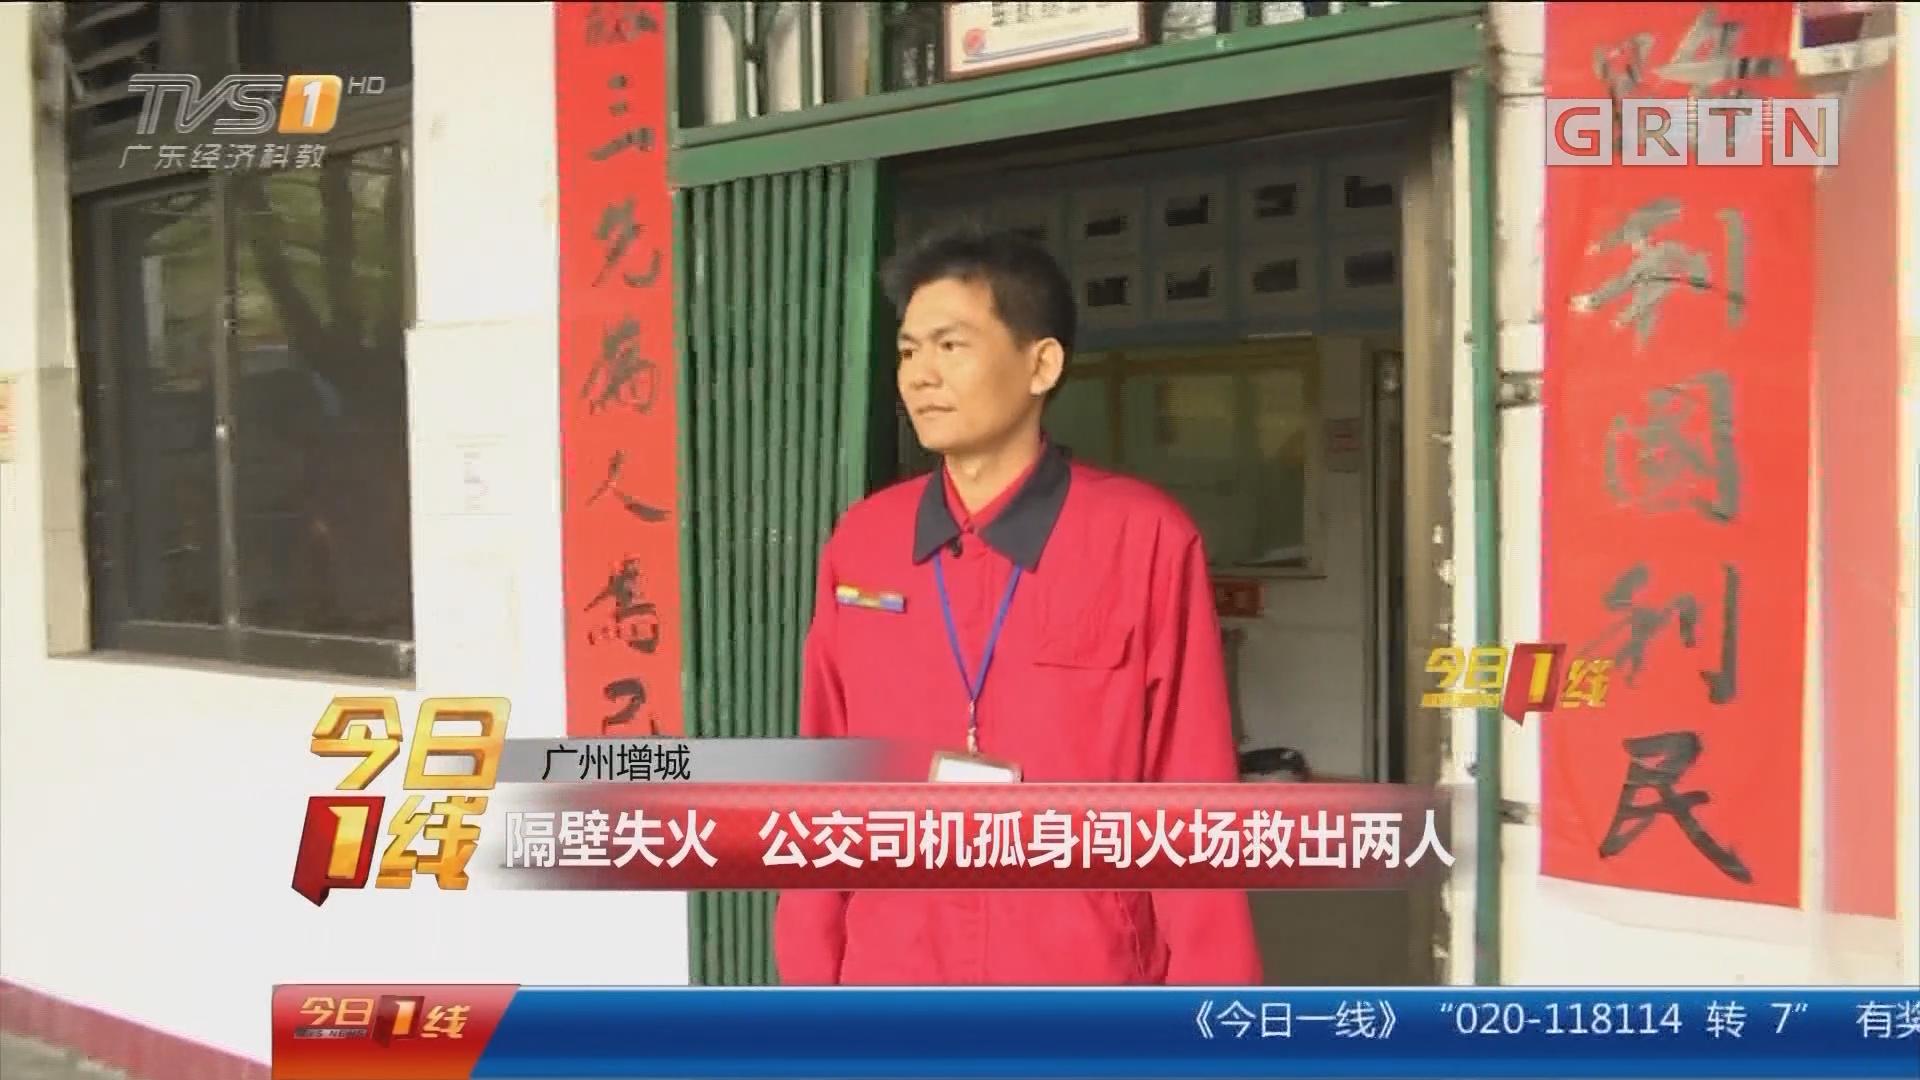 广州增城:隔壁失火 公交司机孤身闯火场救出两人